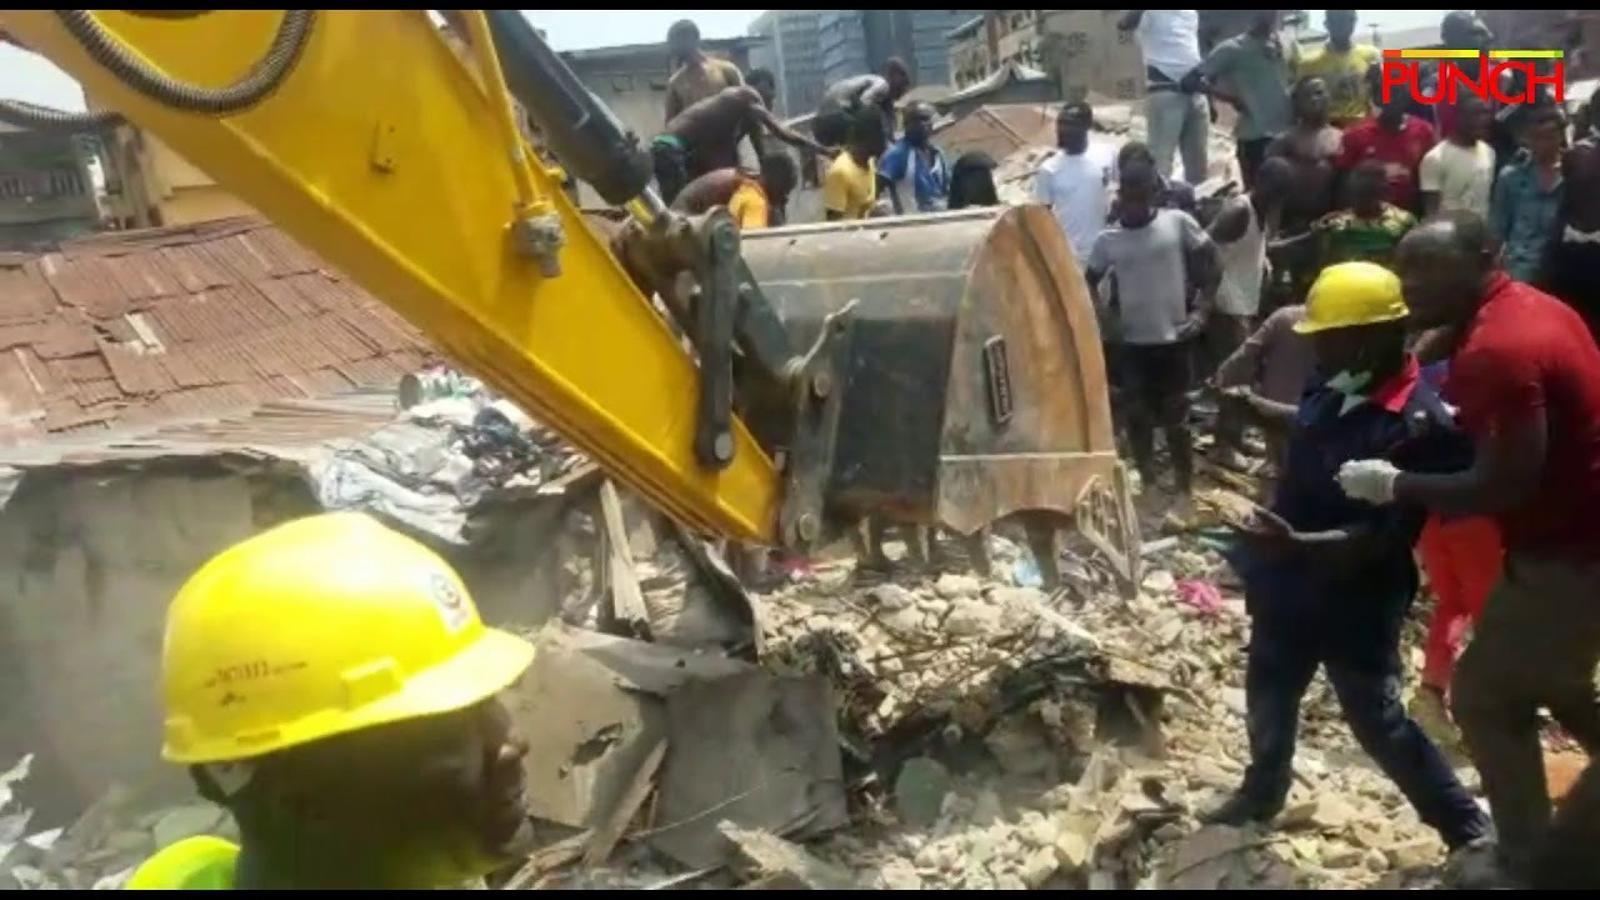 Més de 100 nens queden sepultats per l'ensorrament d'una escola a Nigèria